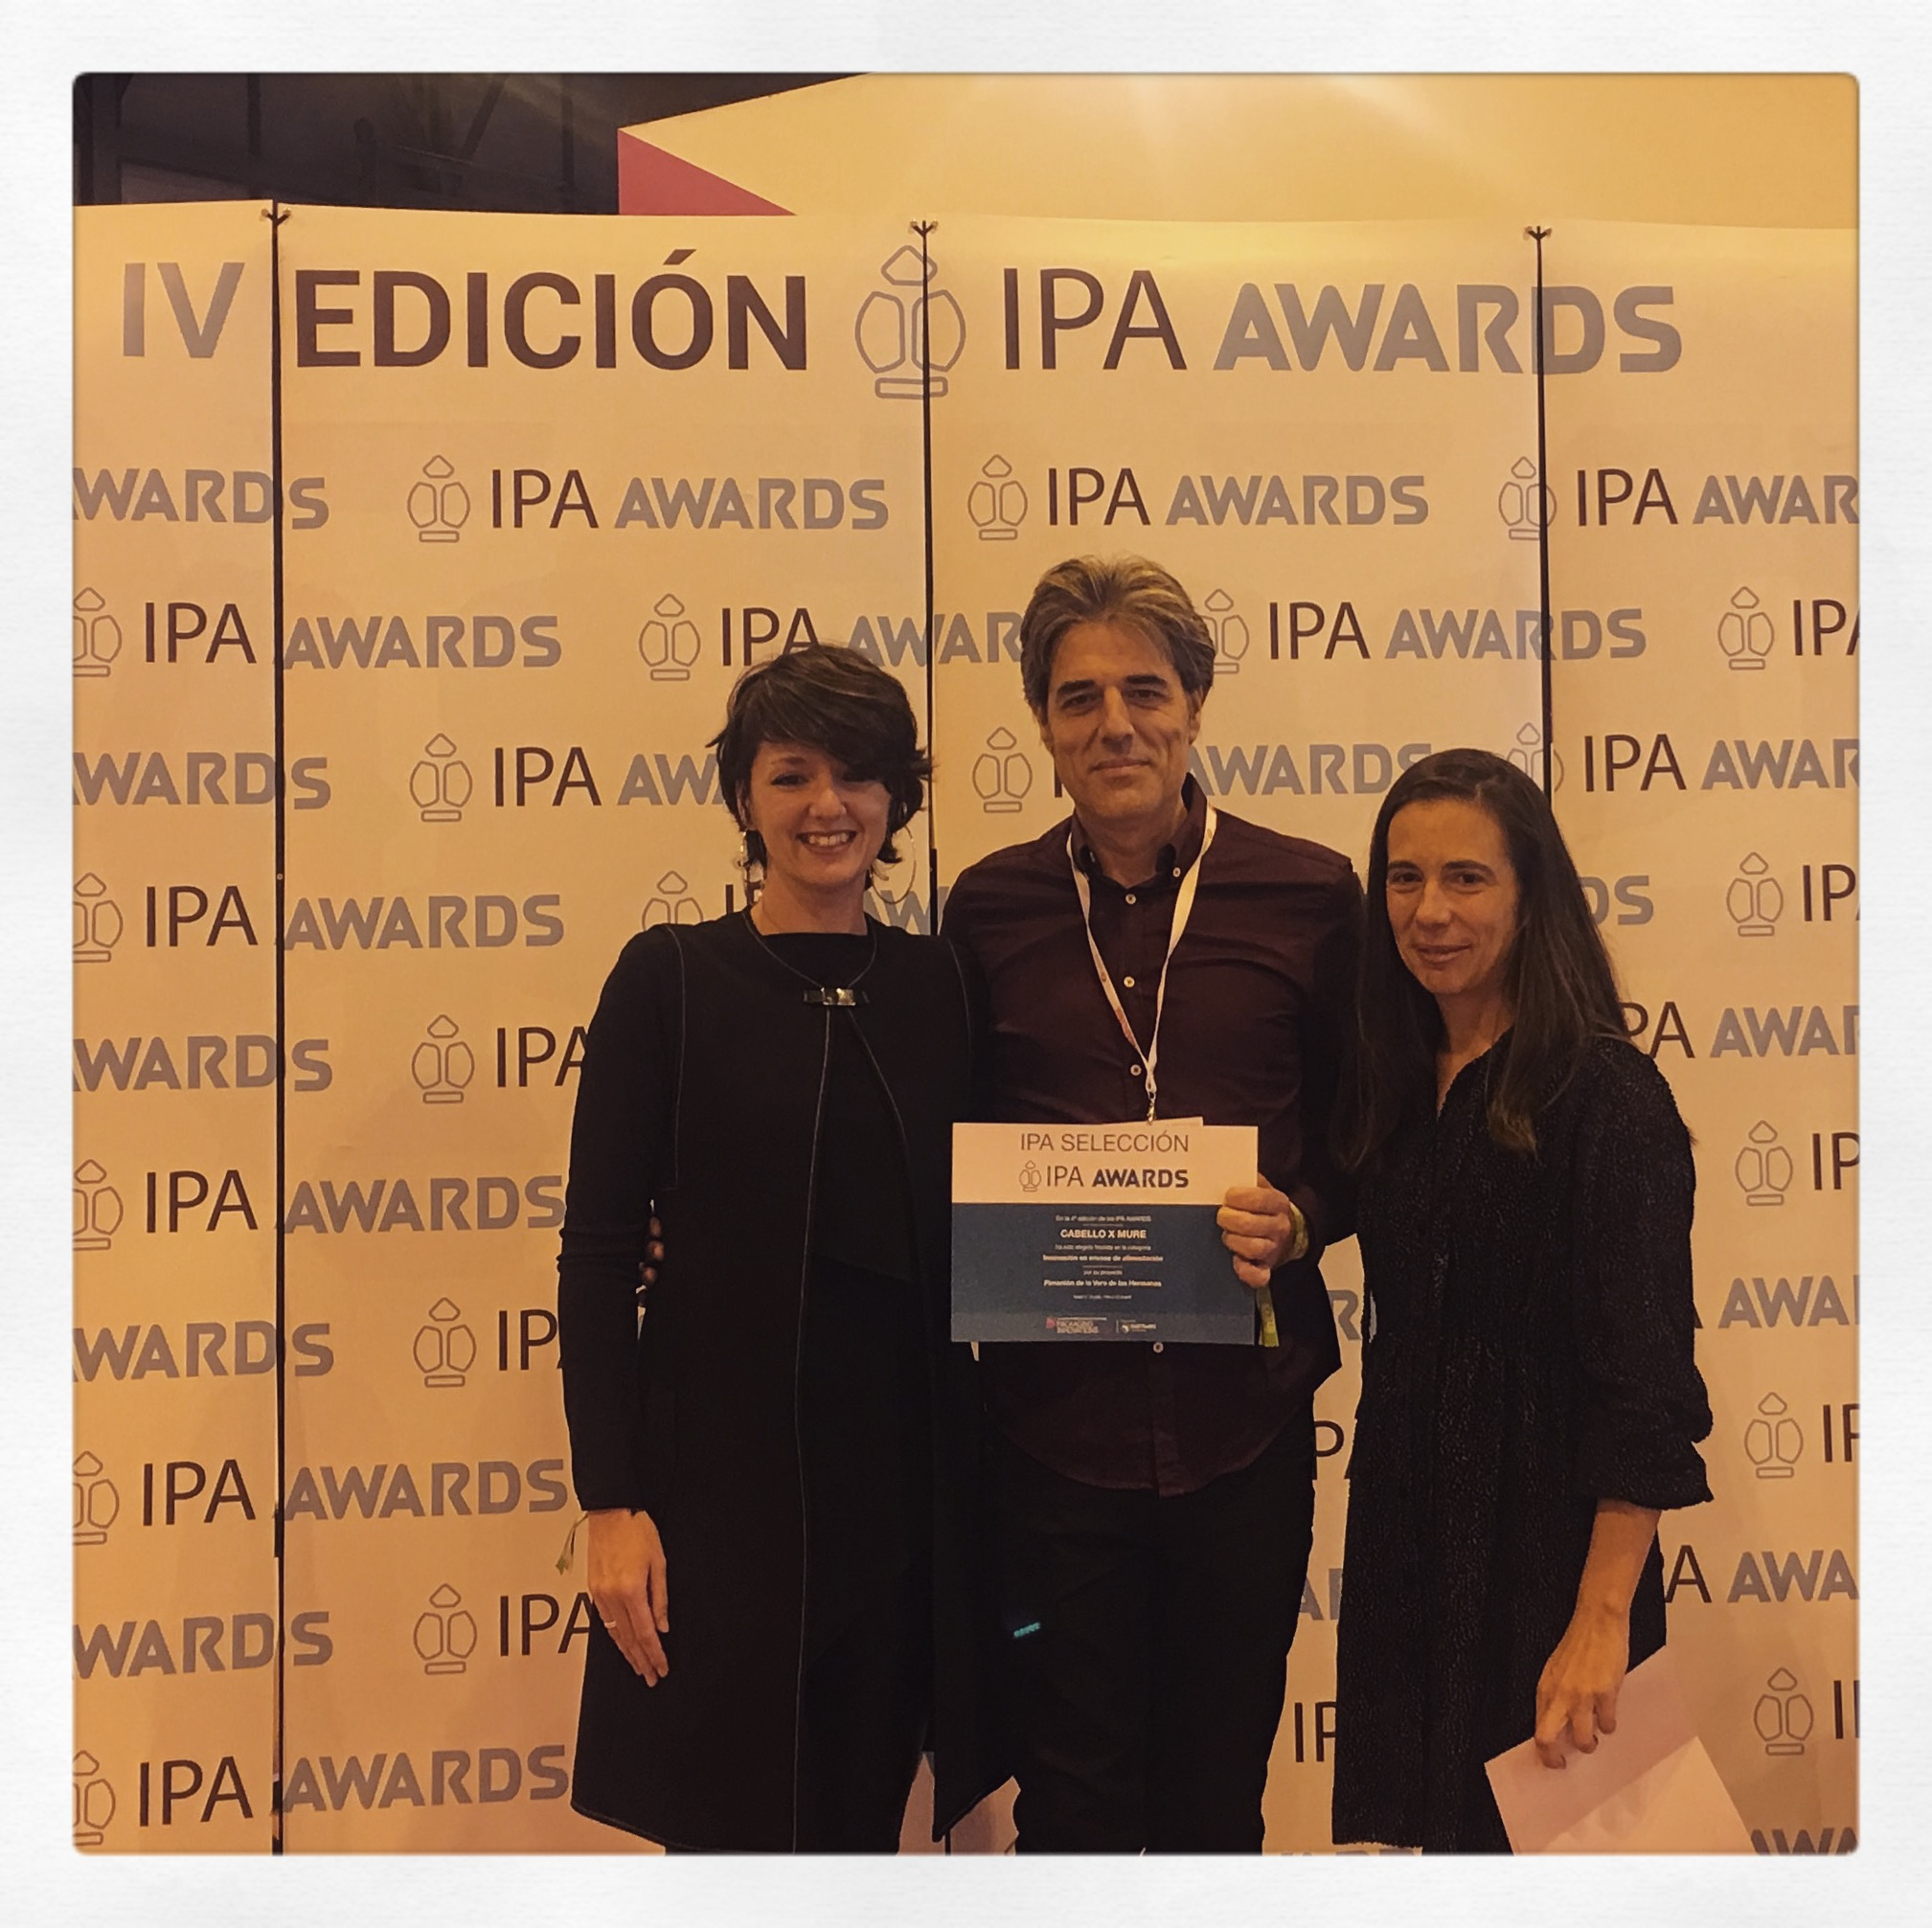 Nuevo premio IPA Awards